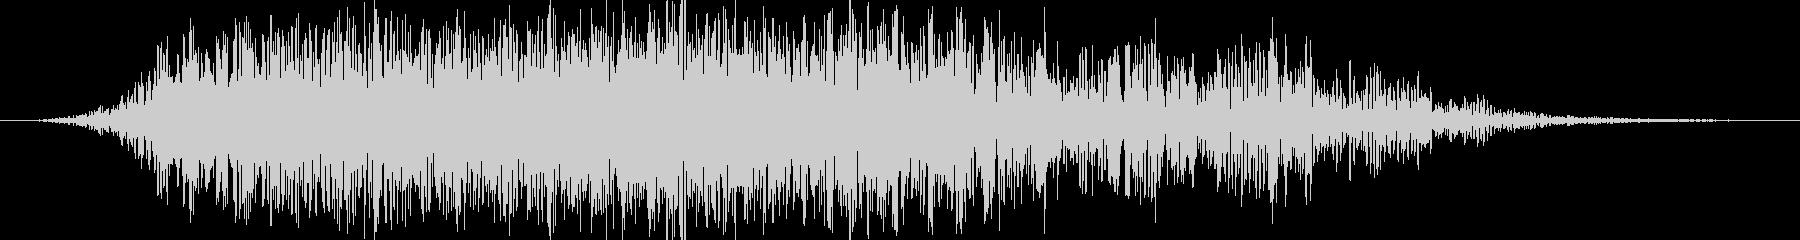 ゴゴゴゴゴ(地鳴り・地震の音)の未再生の波形